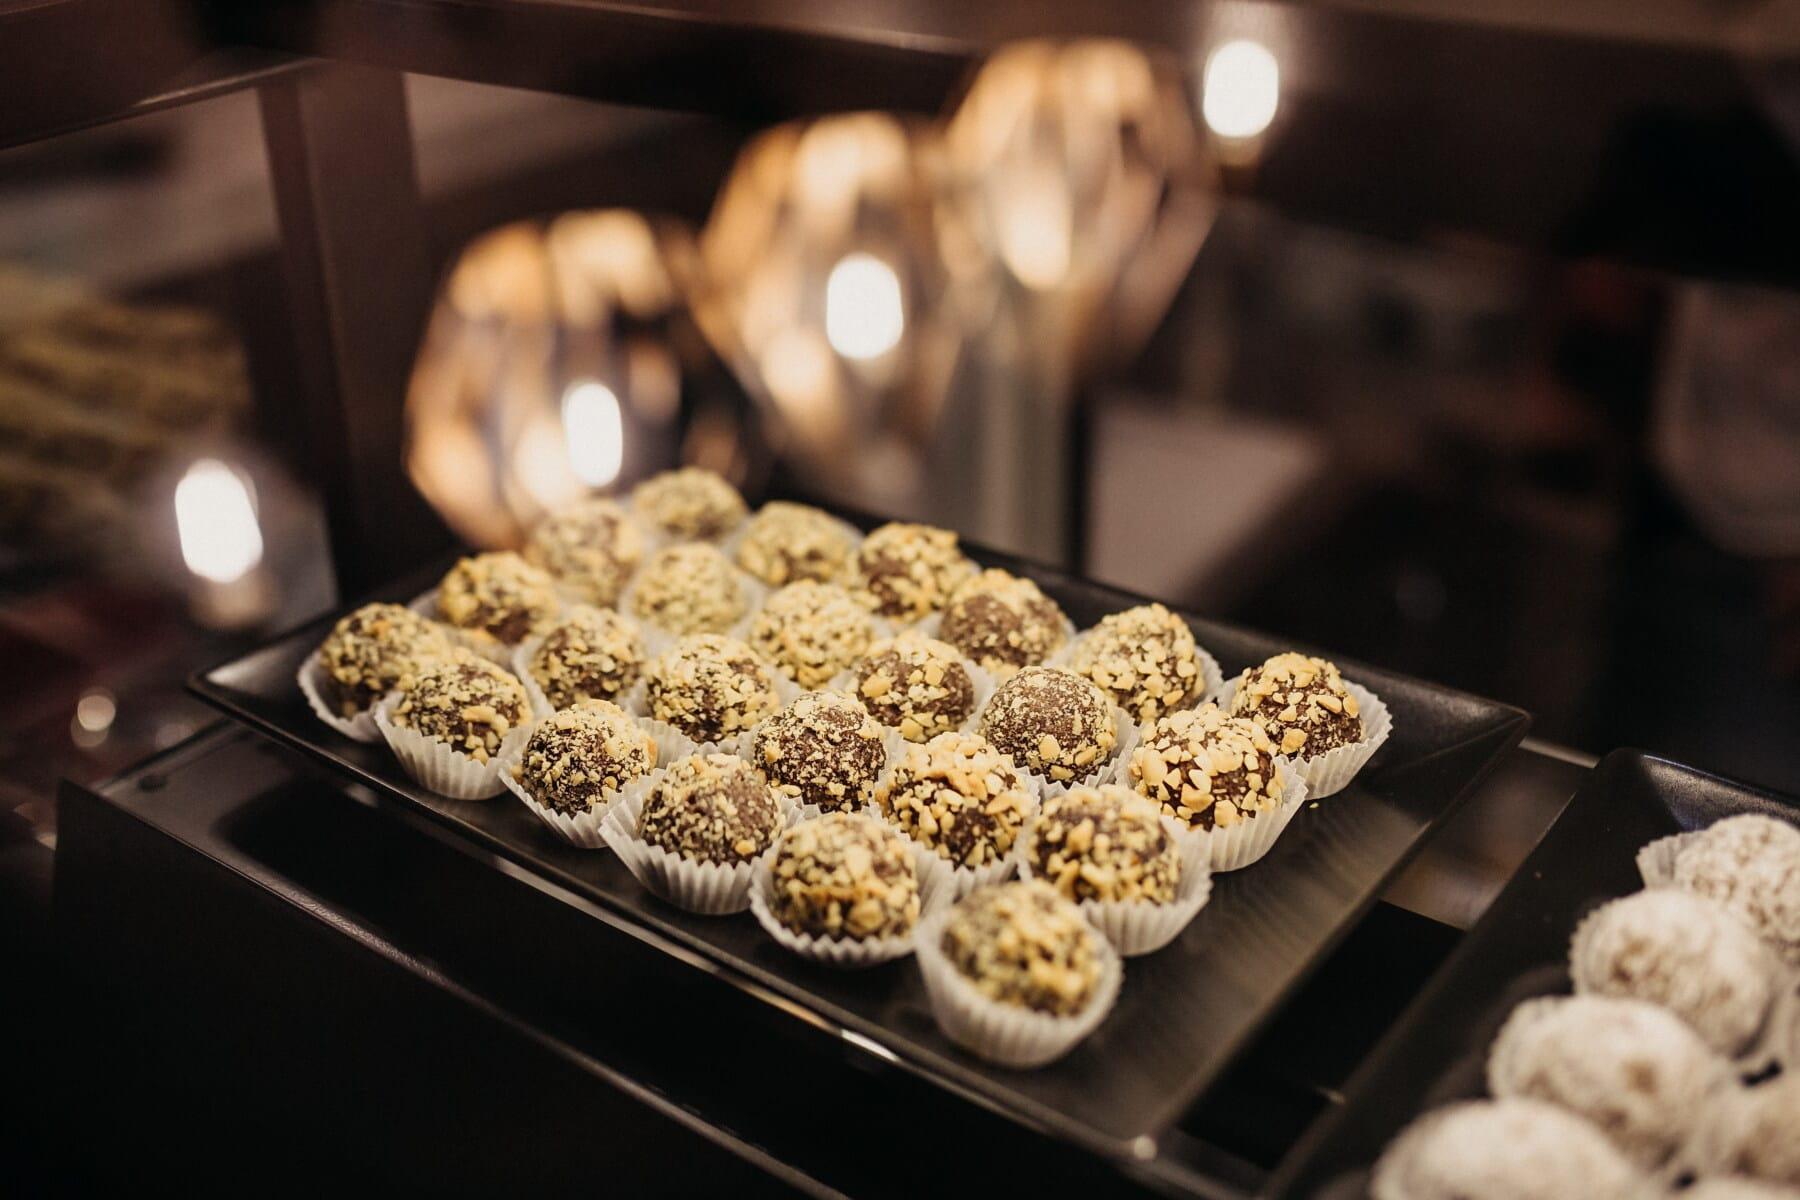 クッキー, 棚, ケーキ屋, チョコレート, クルミ, ワーク ショップ, 食品, 甘い, 砂糖, キャンディ